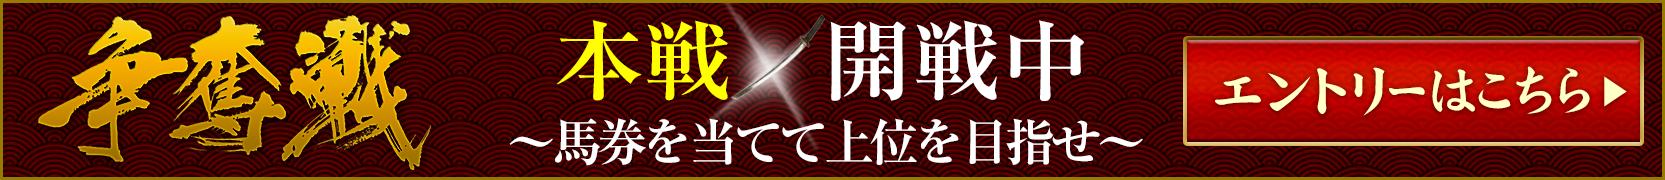 争奪戦 2019秋の番外編(本戦)